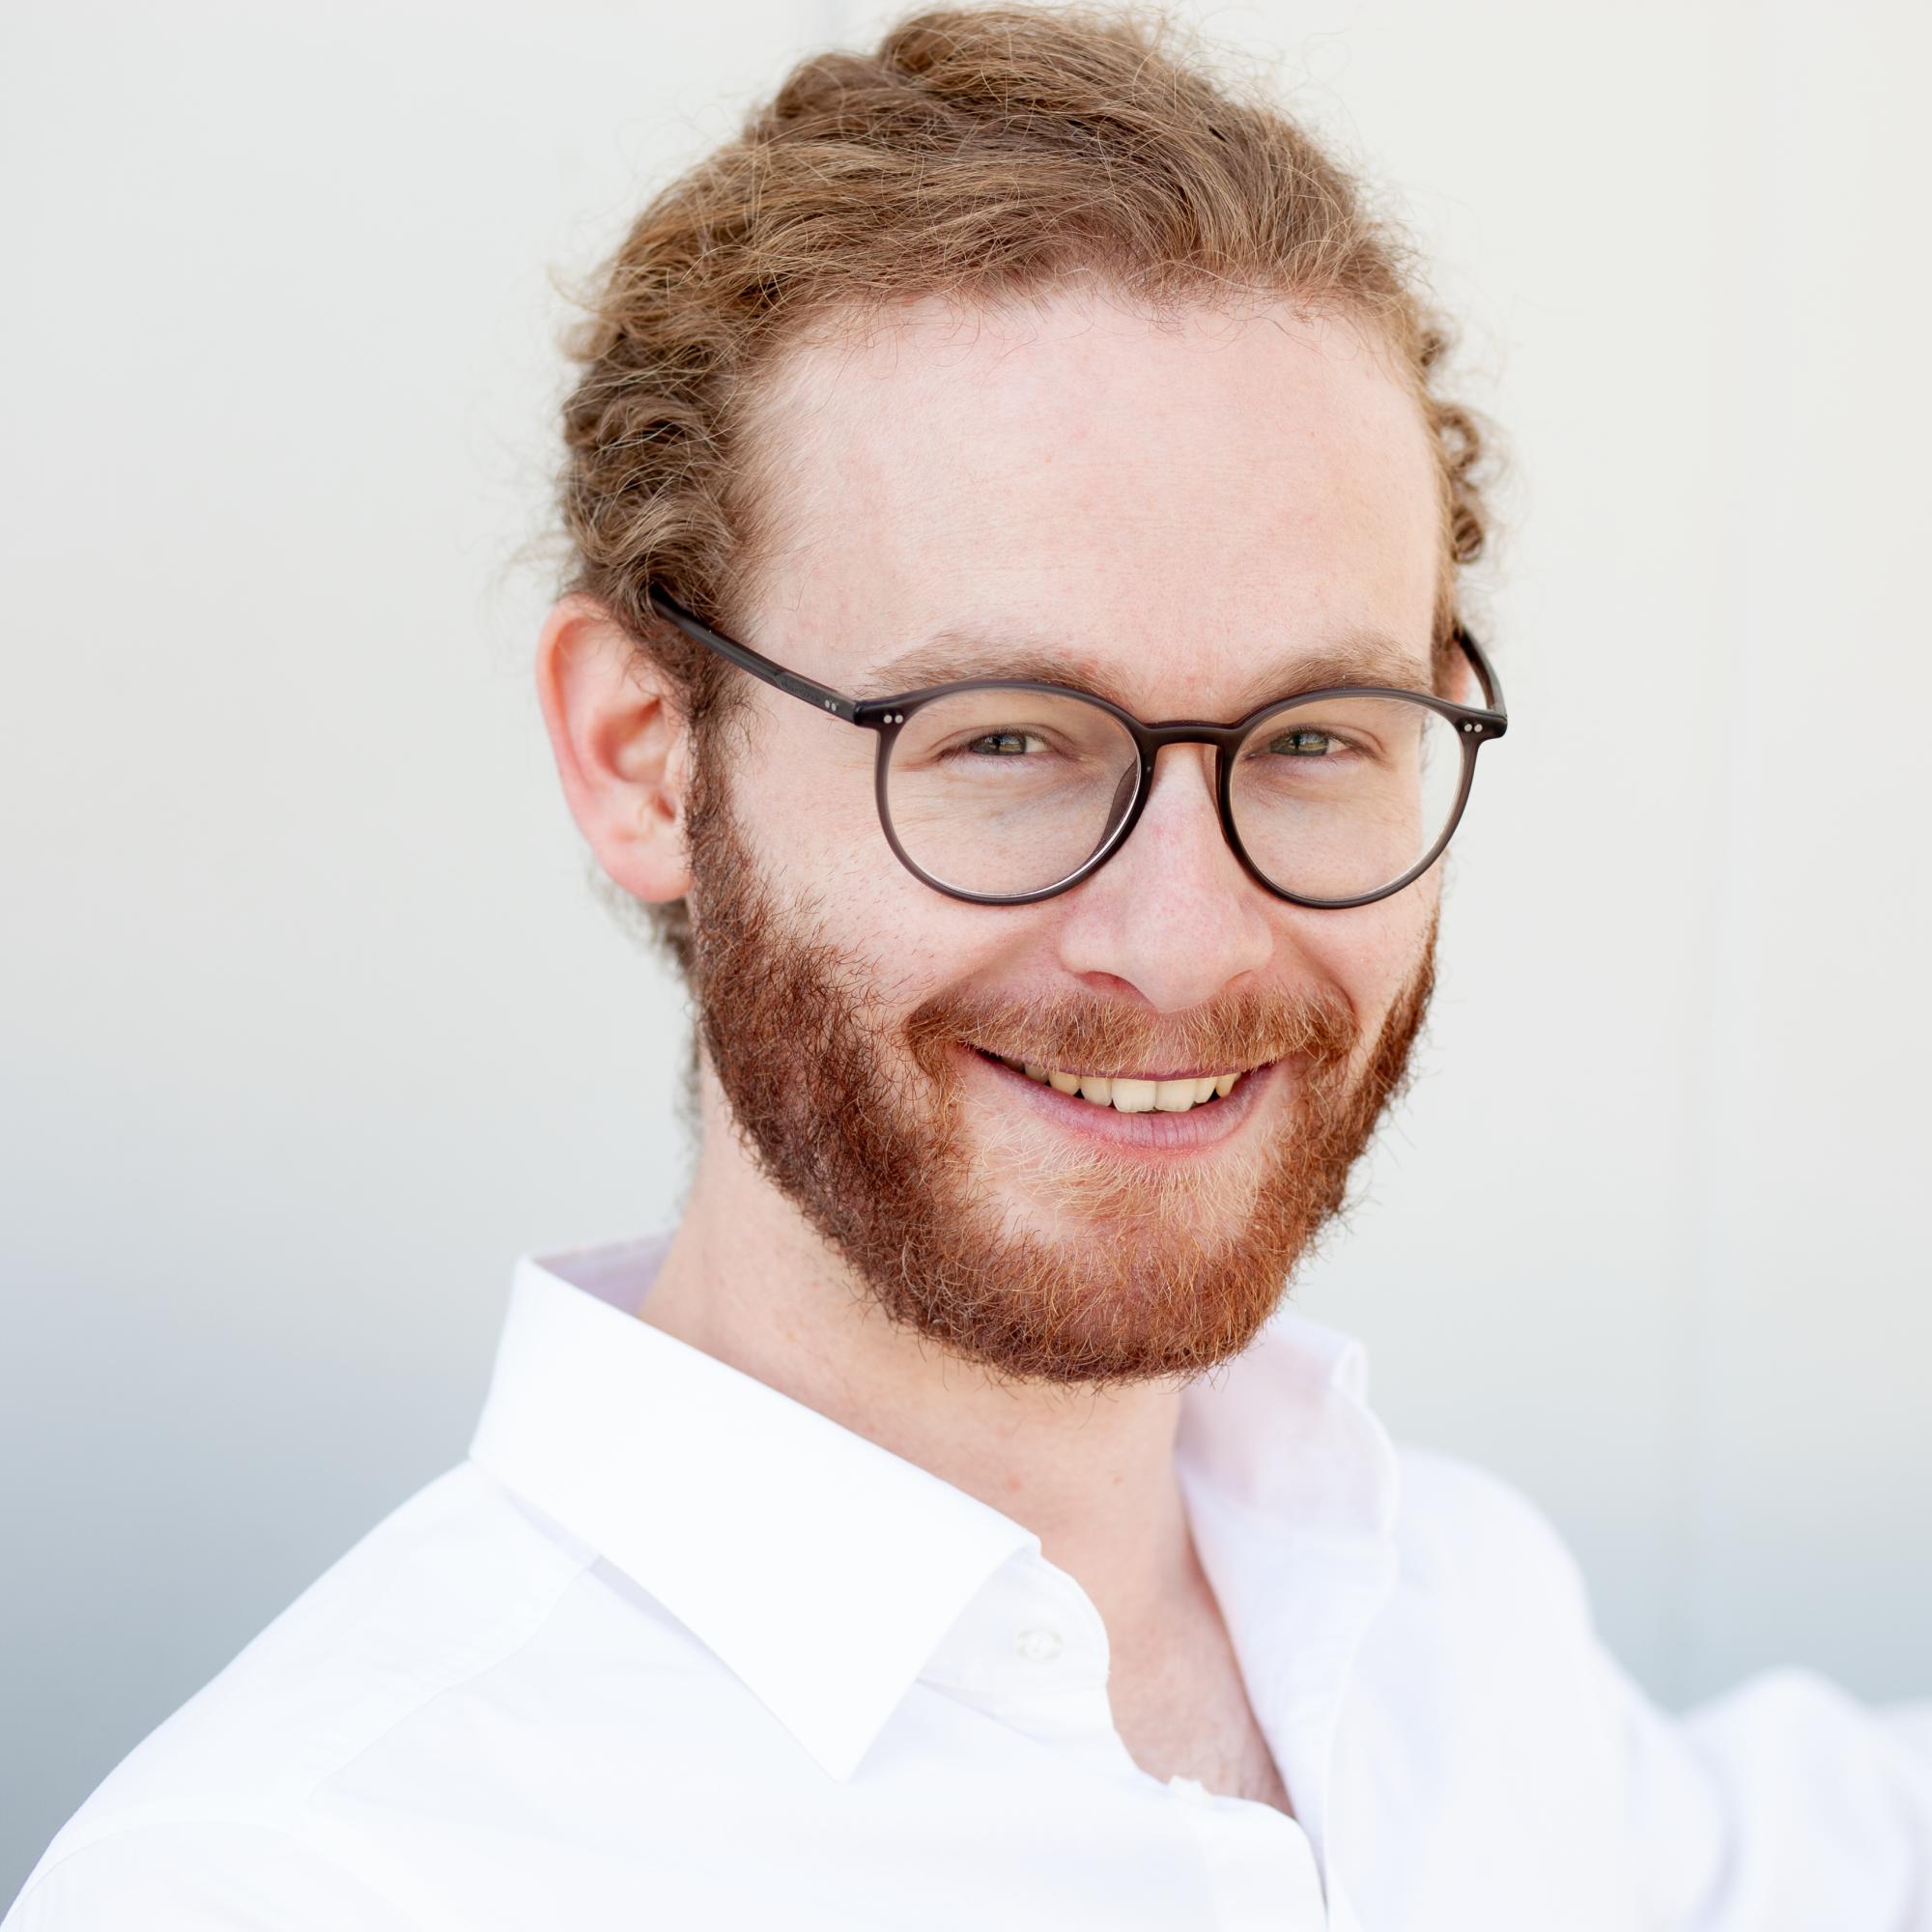 Portraitbild von jungem Mann mit langen Haaren und Brille vor weißem Grund